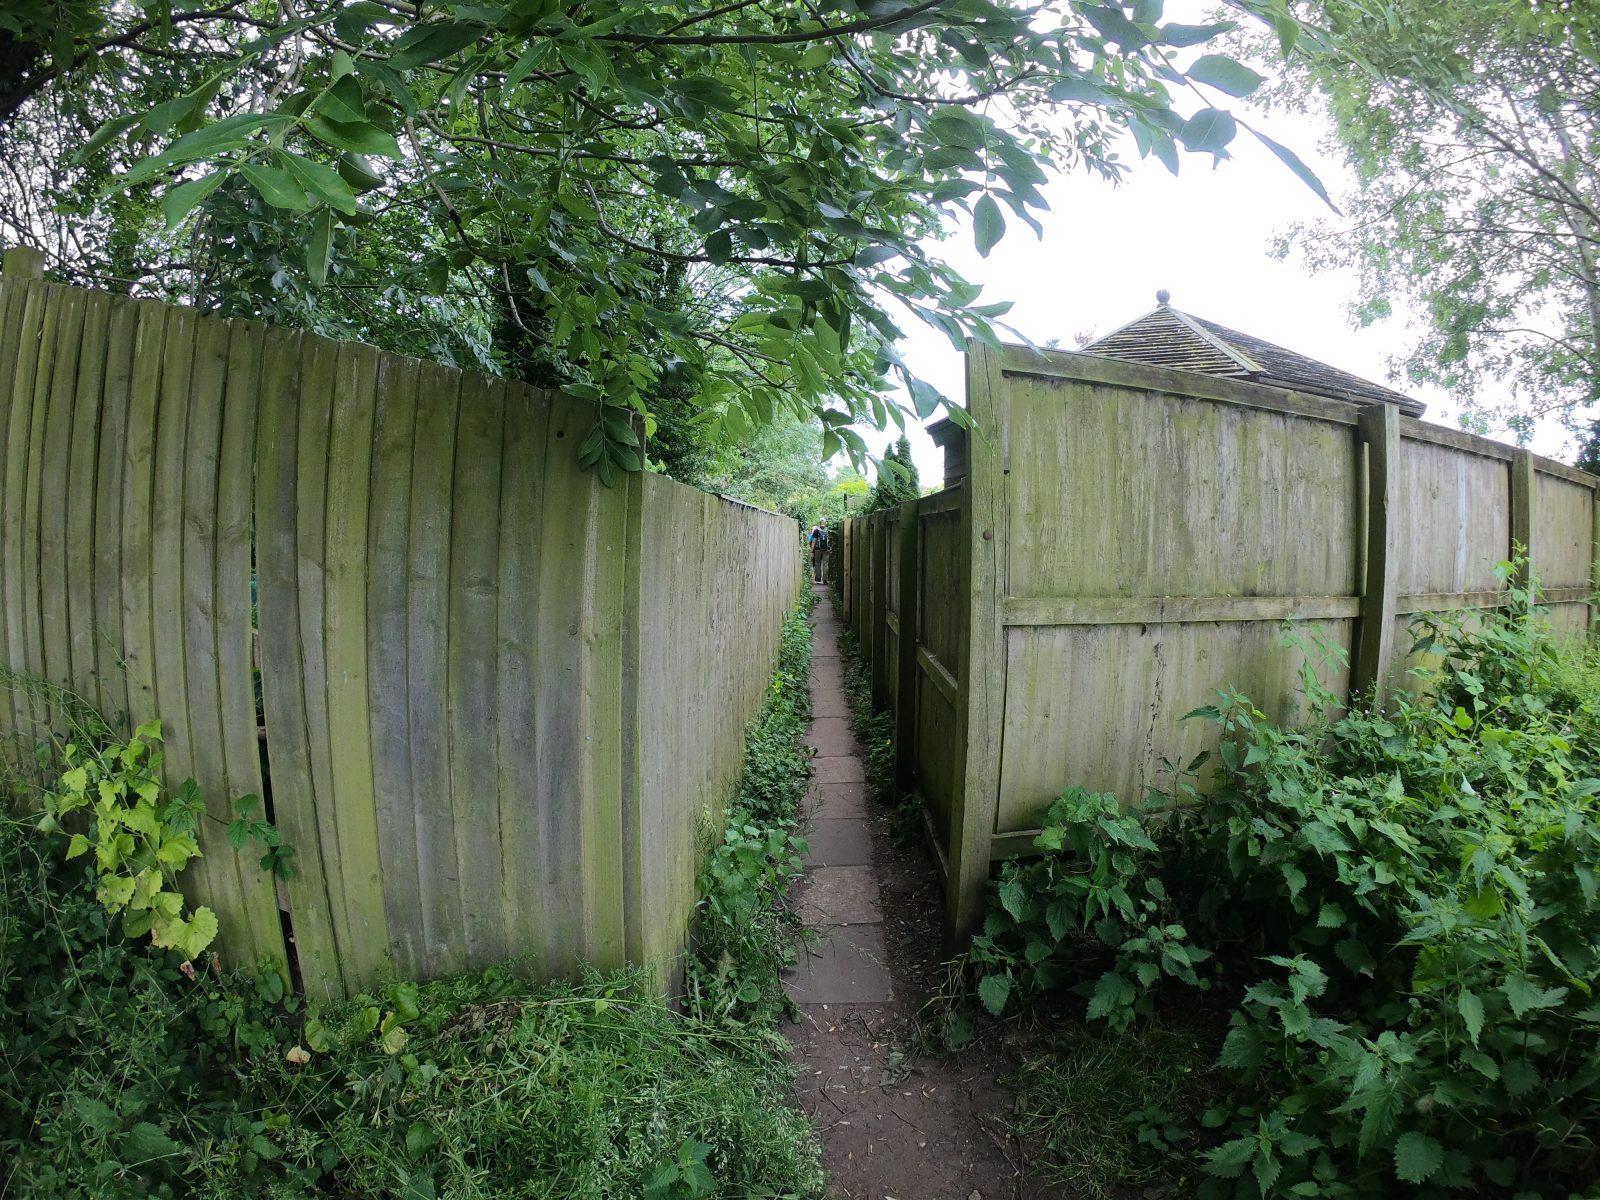 Sutton-in-Craven - UK - dzień 1 Ciekawe miejsca Wielka Brytania